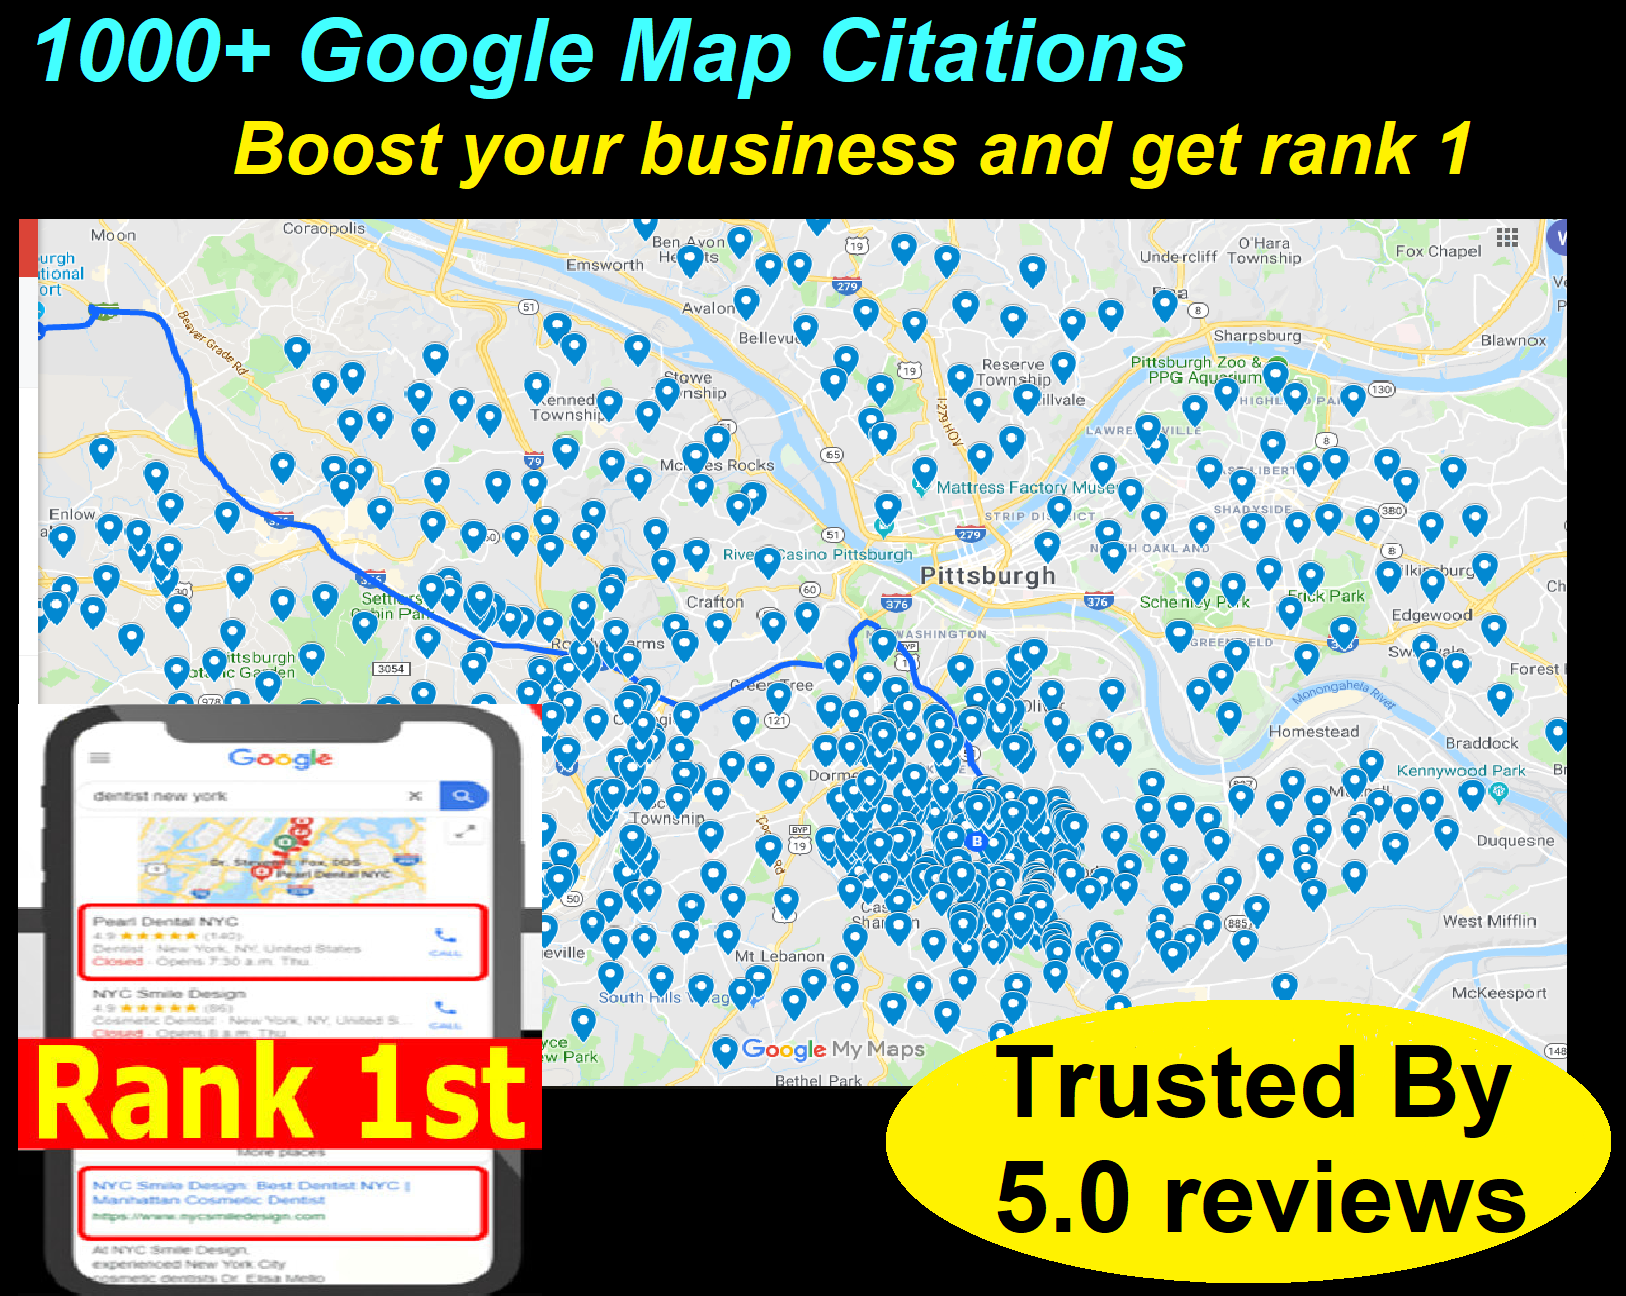 300+ Google map Citations and 10 Local Citations